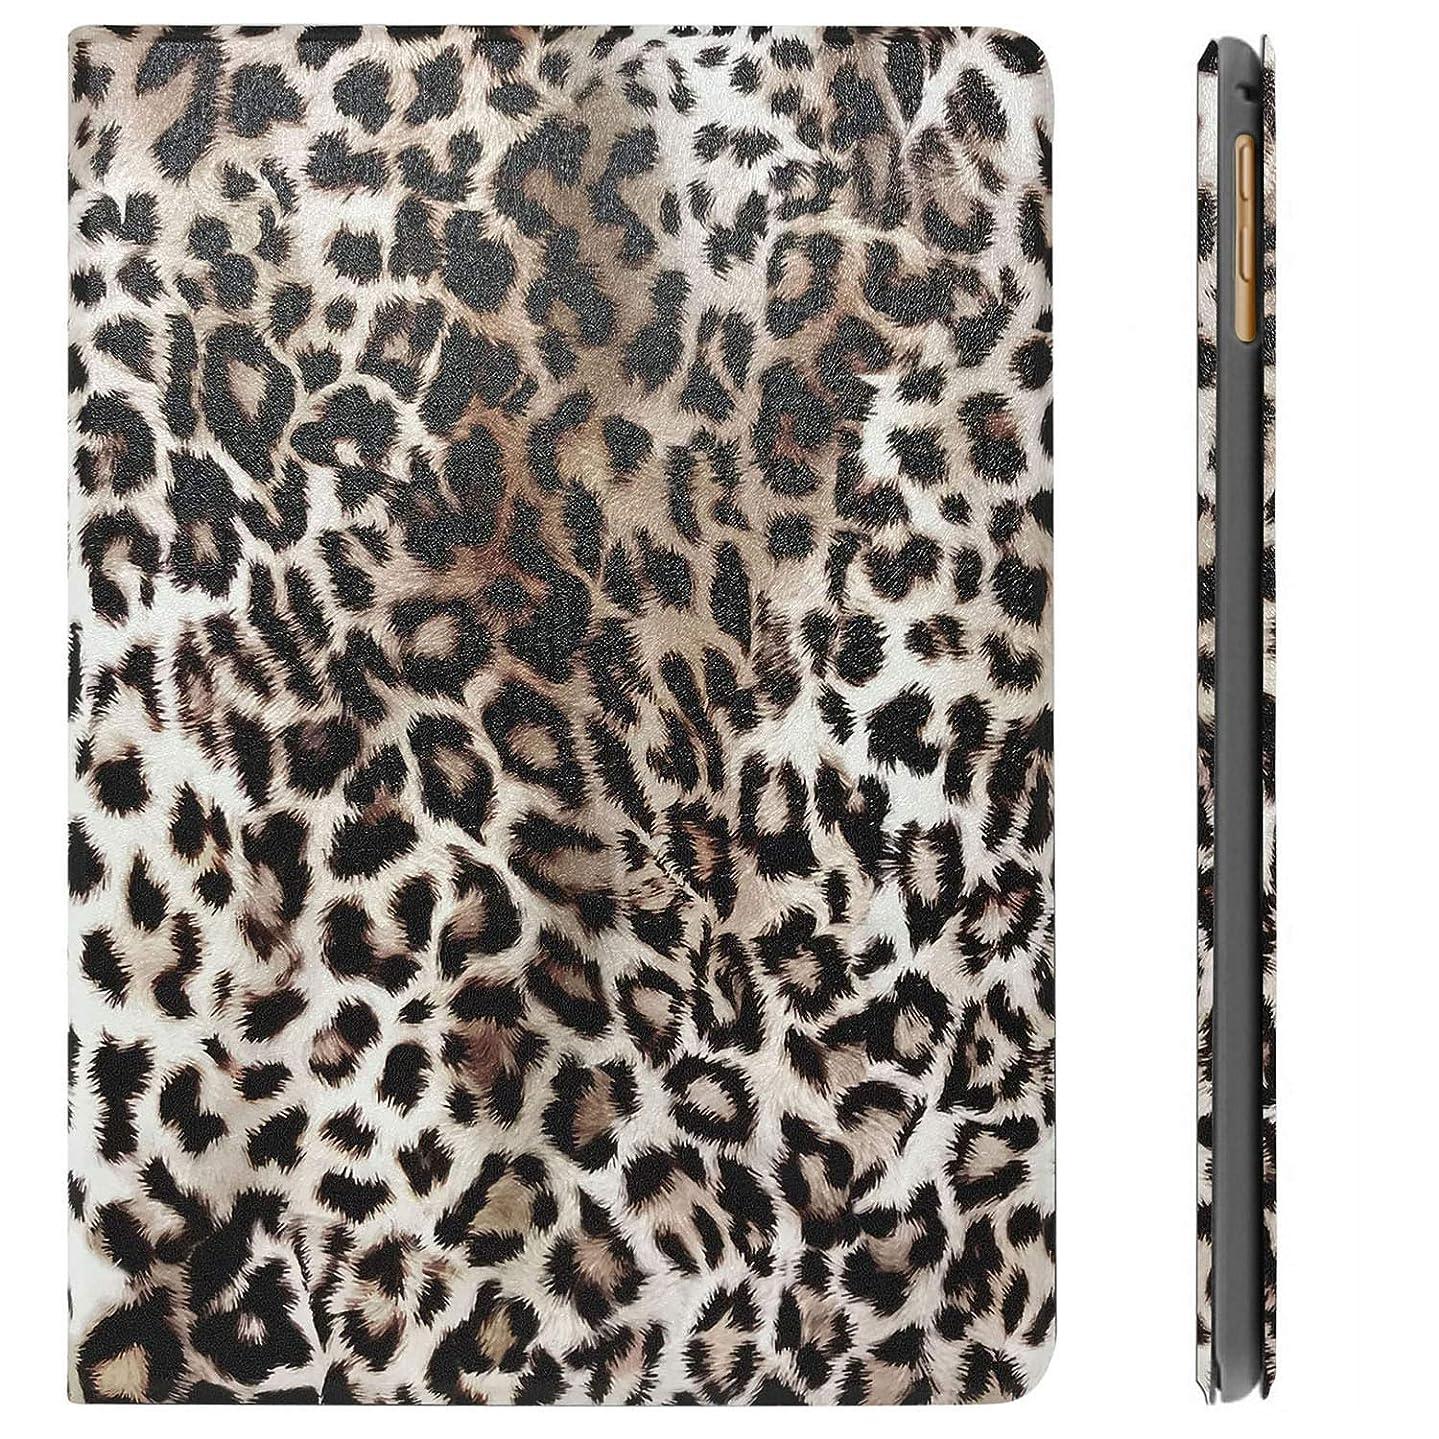 DuraSafe Case for iPad 9.7 Inch 5/6 Gen 2017/2018 & Air 1 / Air 2 [ A1893 A1954 A1822 A1823 A1566 A1567 A1474 A1475 ] Printed Smart Cover - Leopard (Folio)